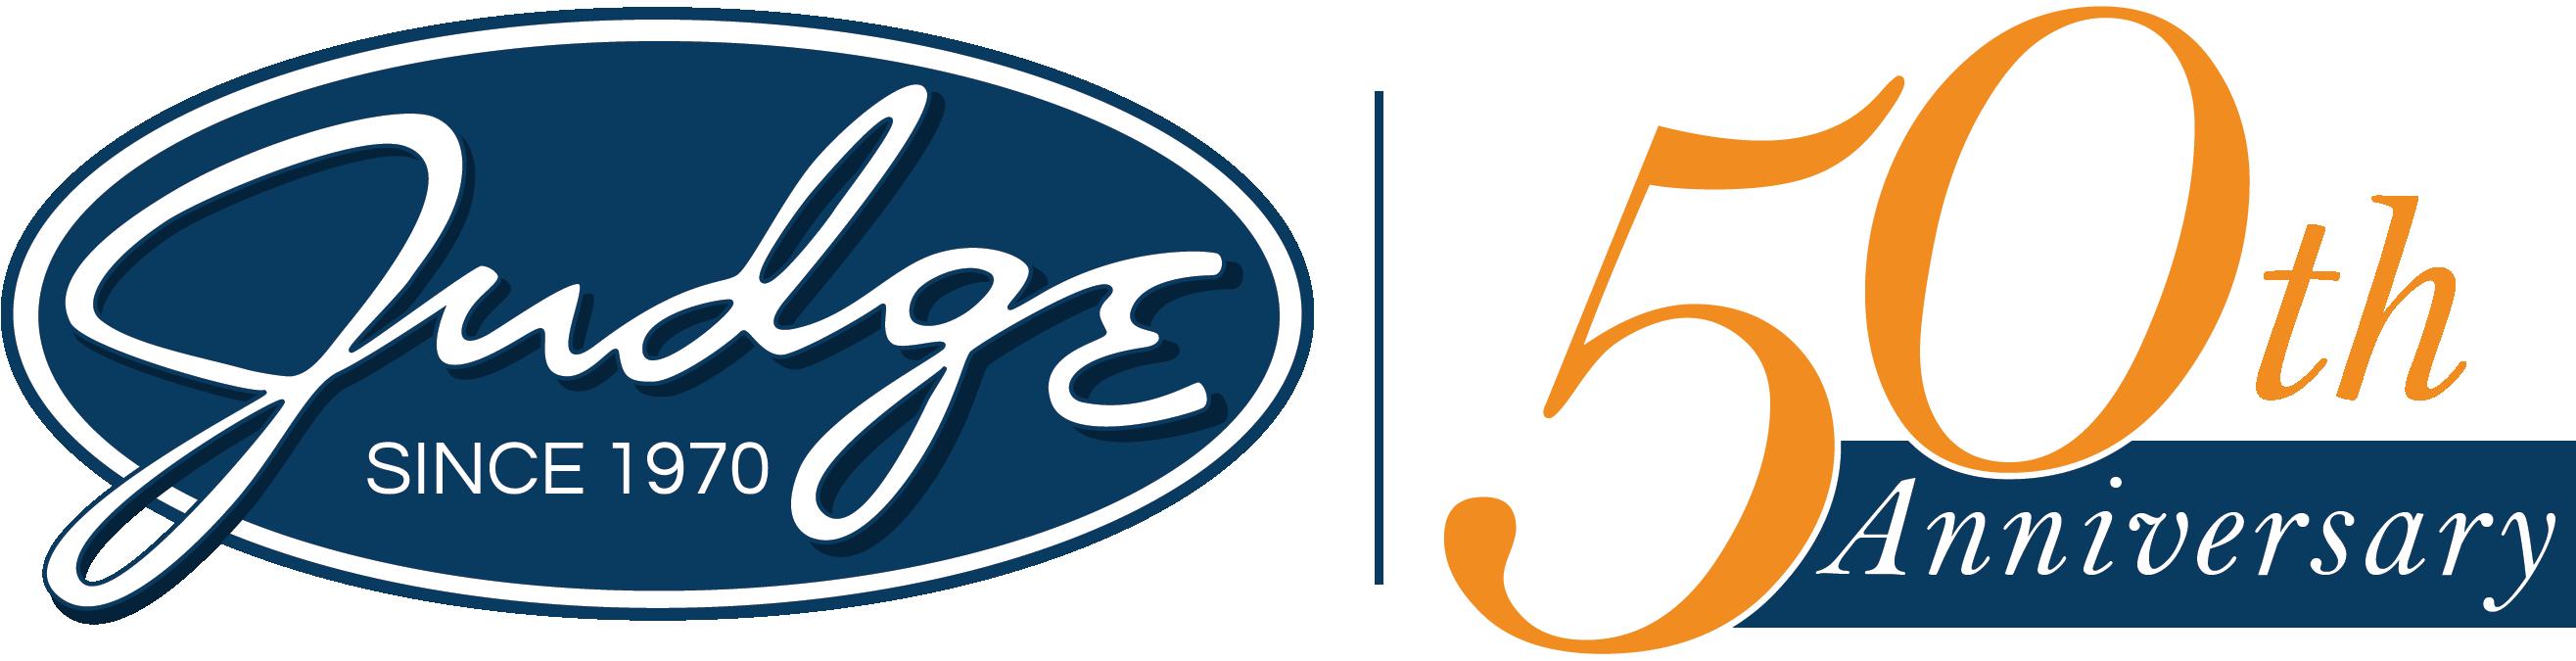 Judge Group Company Logo